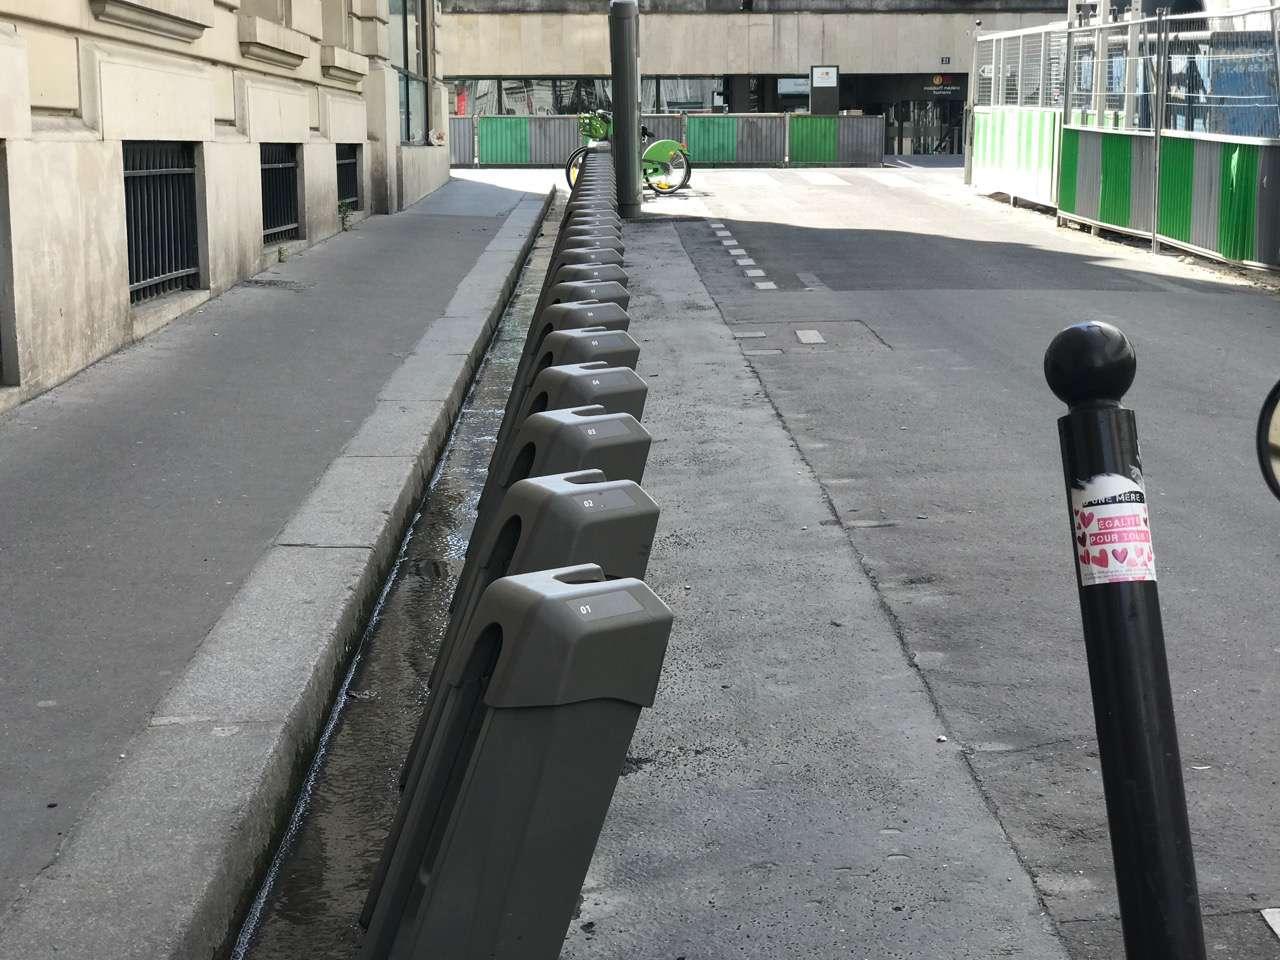 Velib bike system